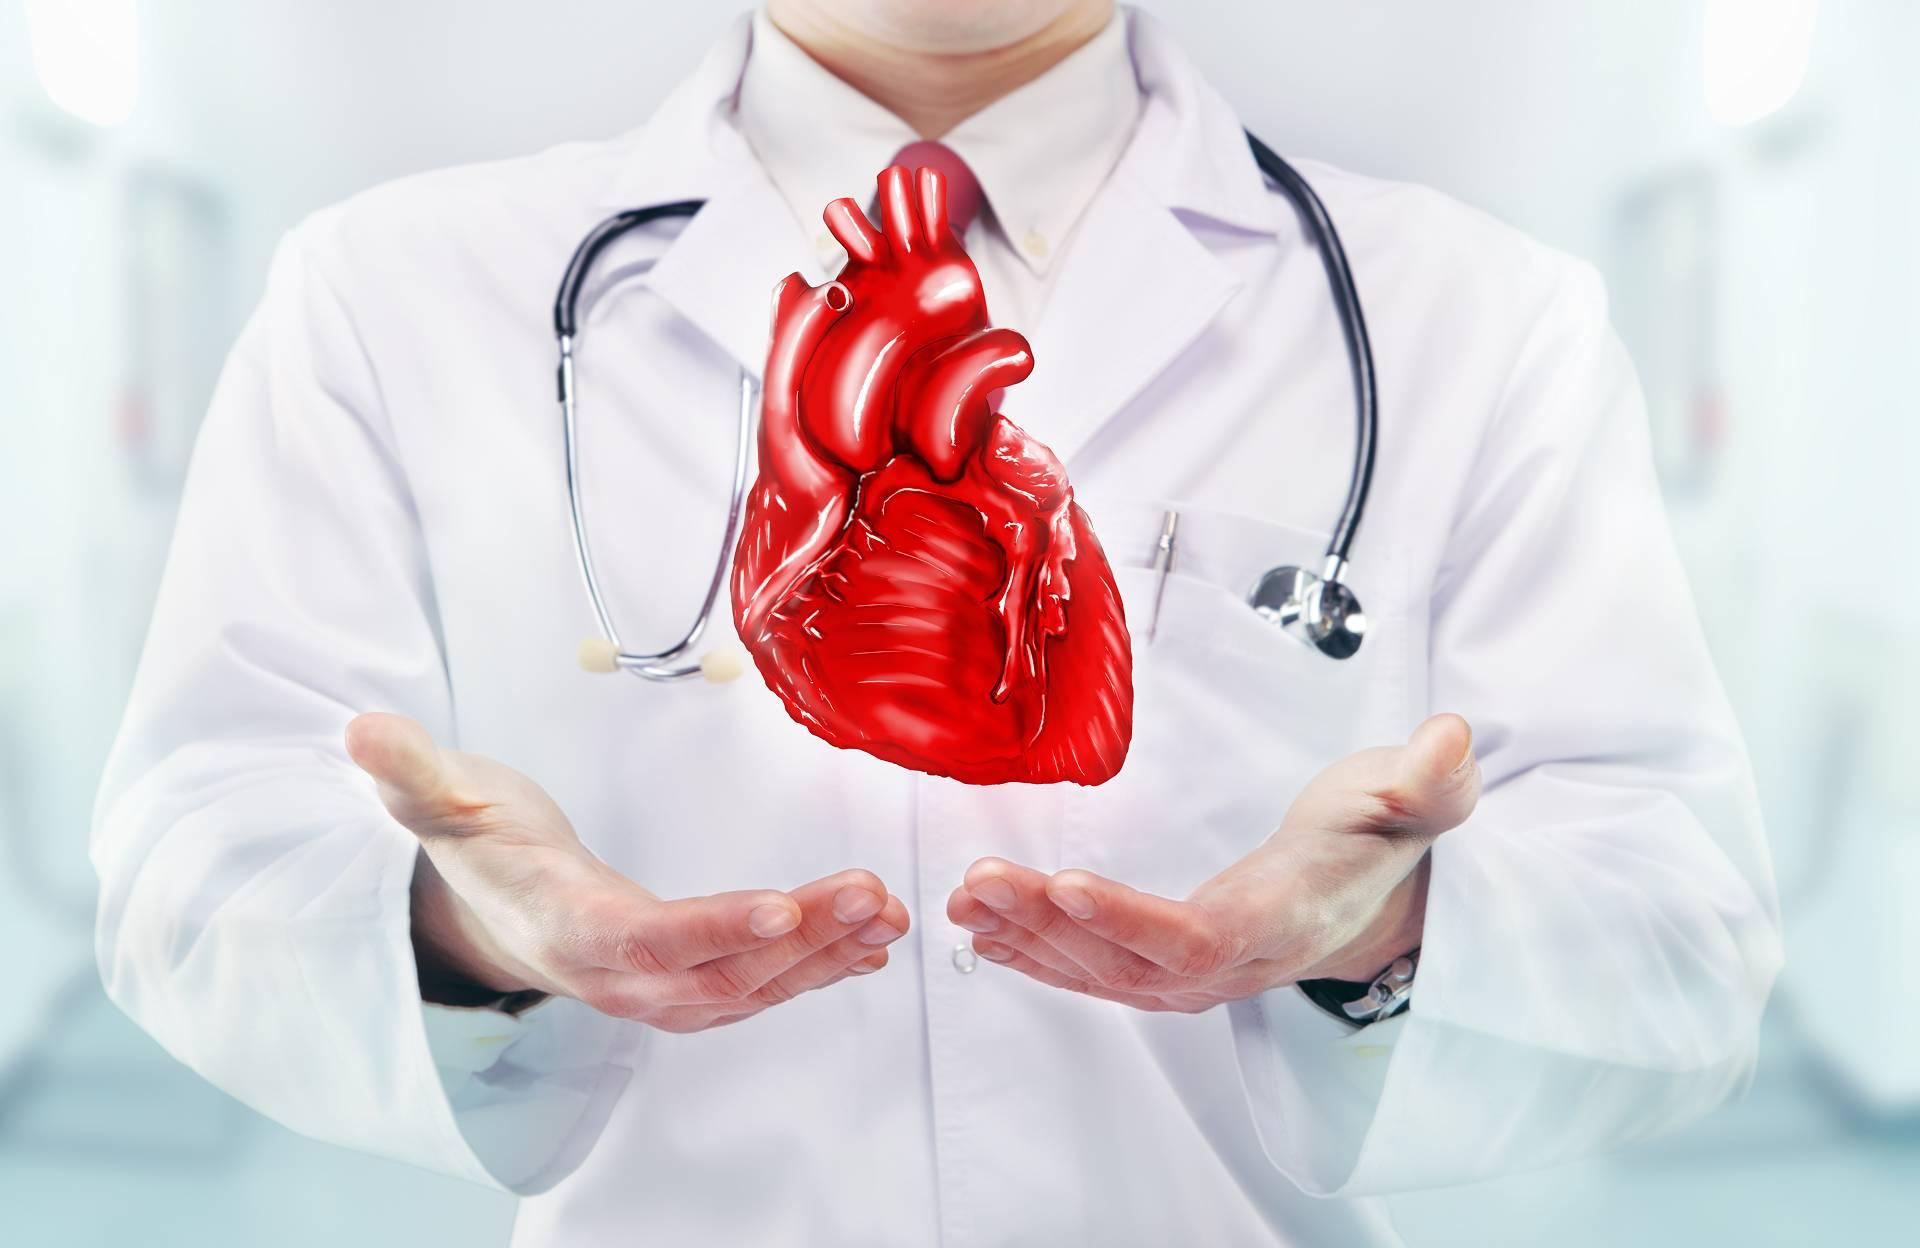 Die Folgen der Schichtarbeit V: Ernährung, Supplementation & Training zur Reduktion des Risikos für Herz-Kreislauf-Erkrankungen